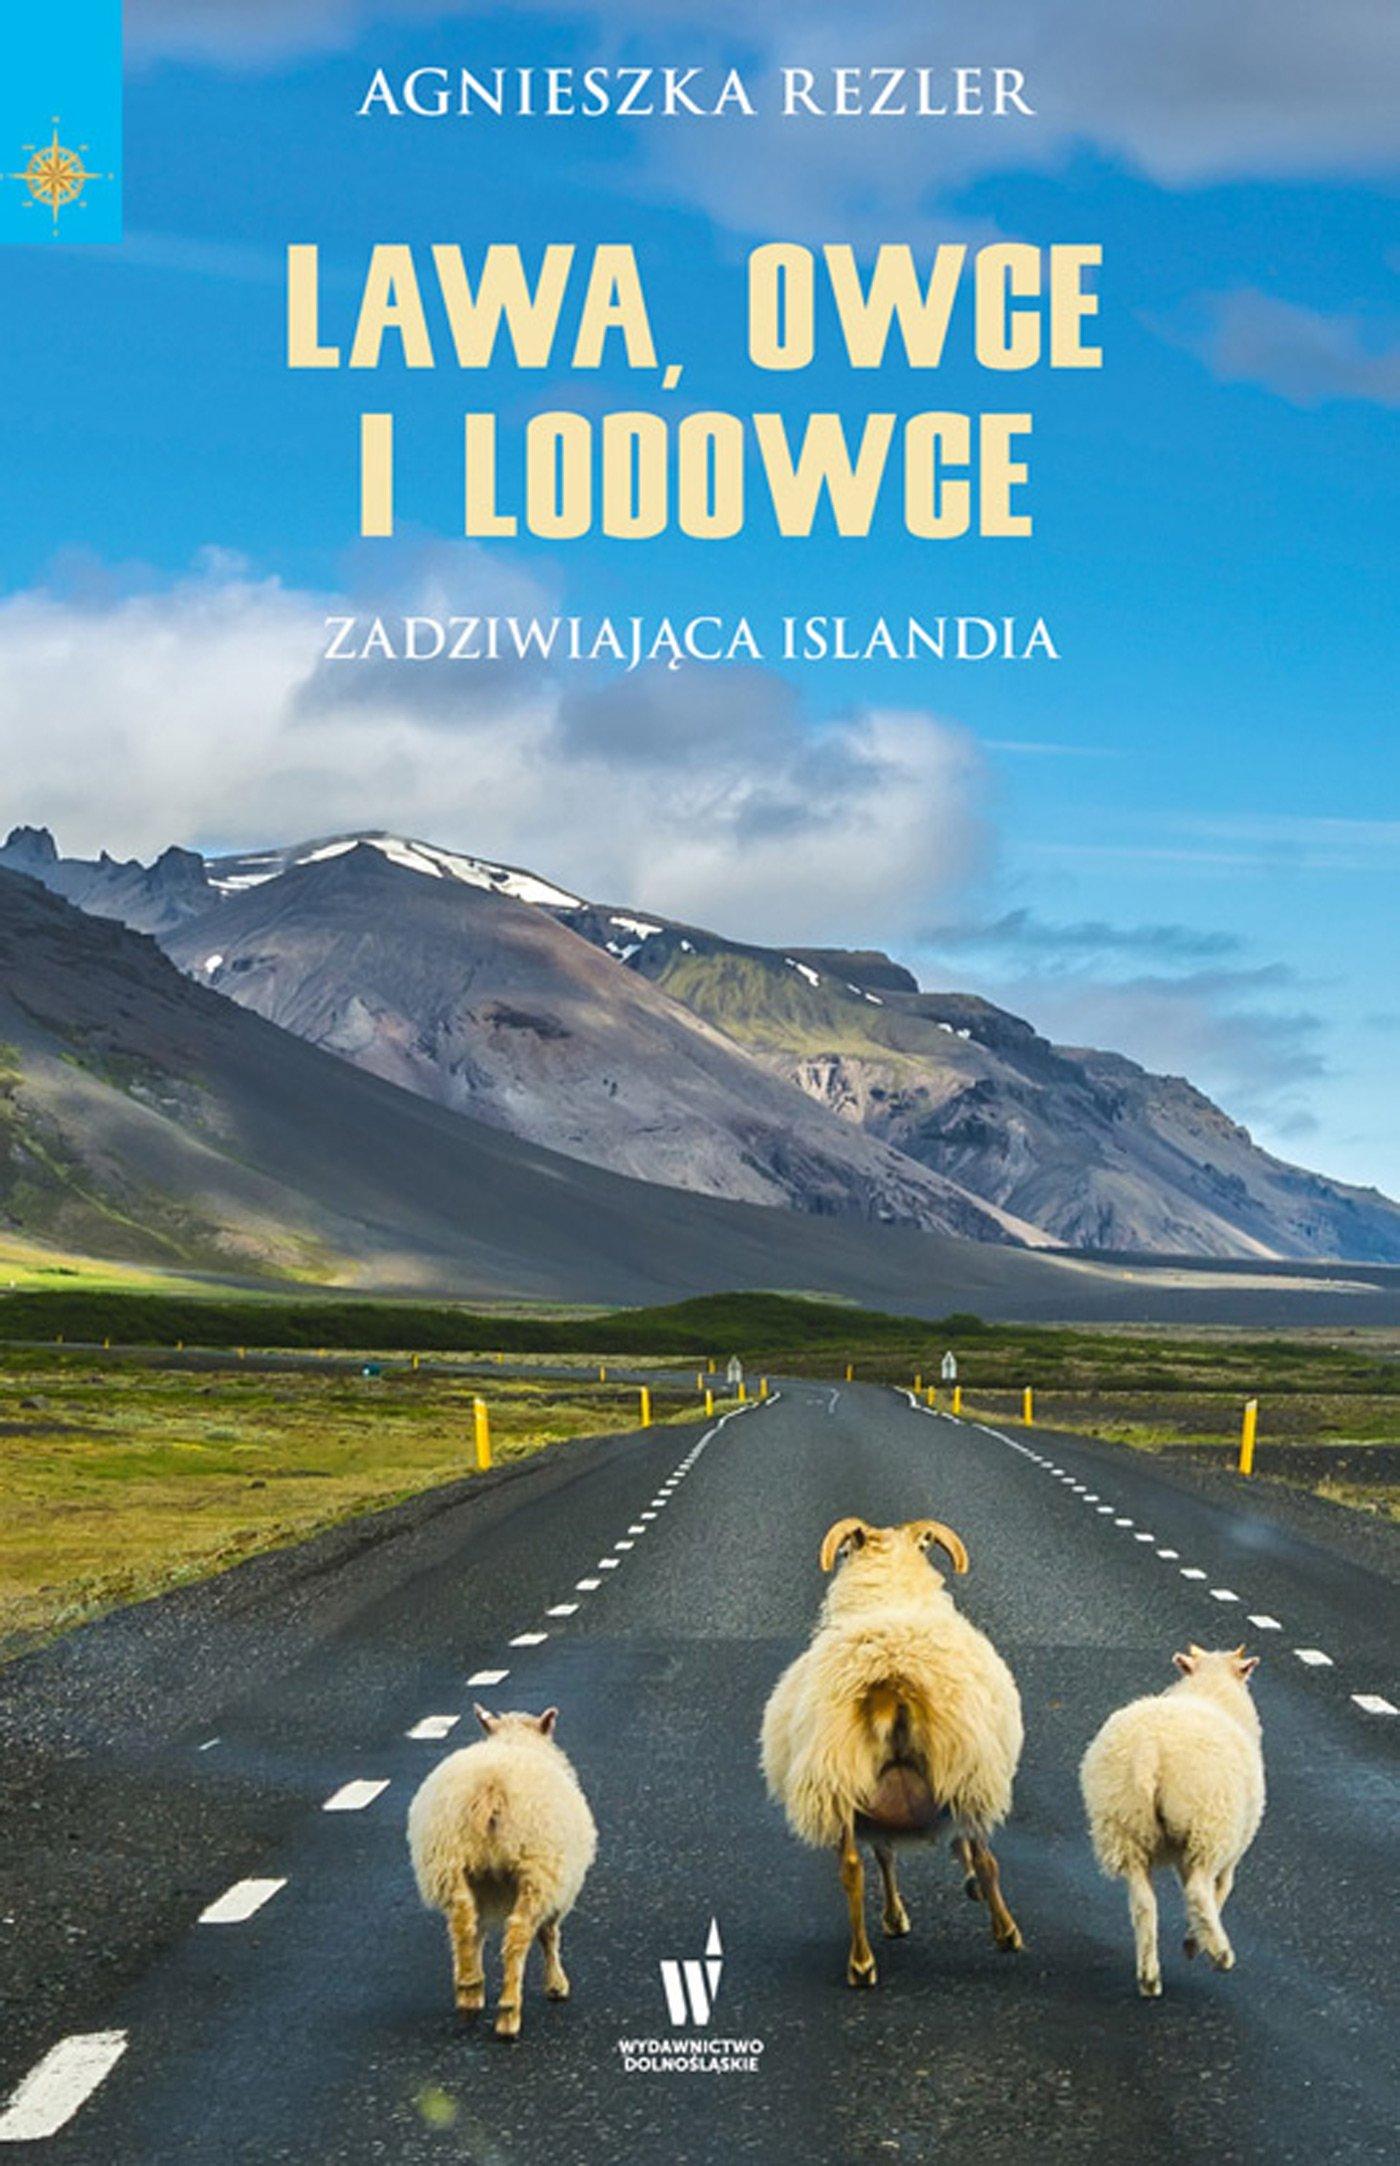 Lawa, owce i lodowce - Ebook (Książka EPUB) do pobrania w formacie EPUB